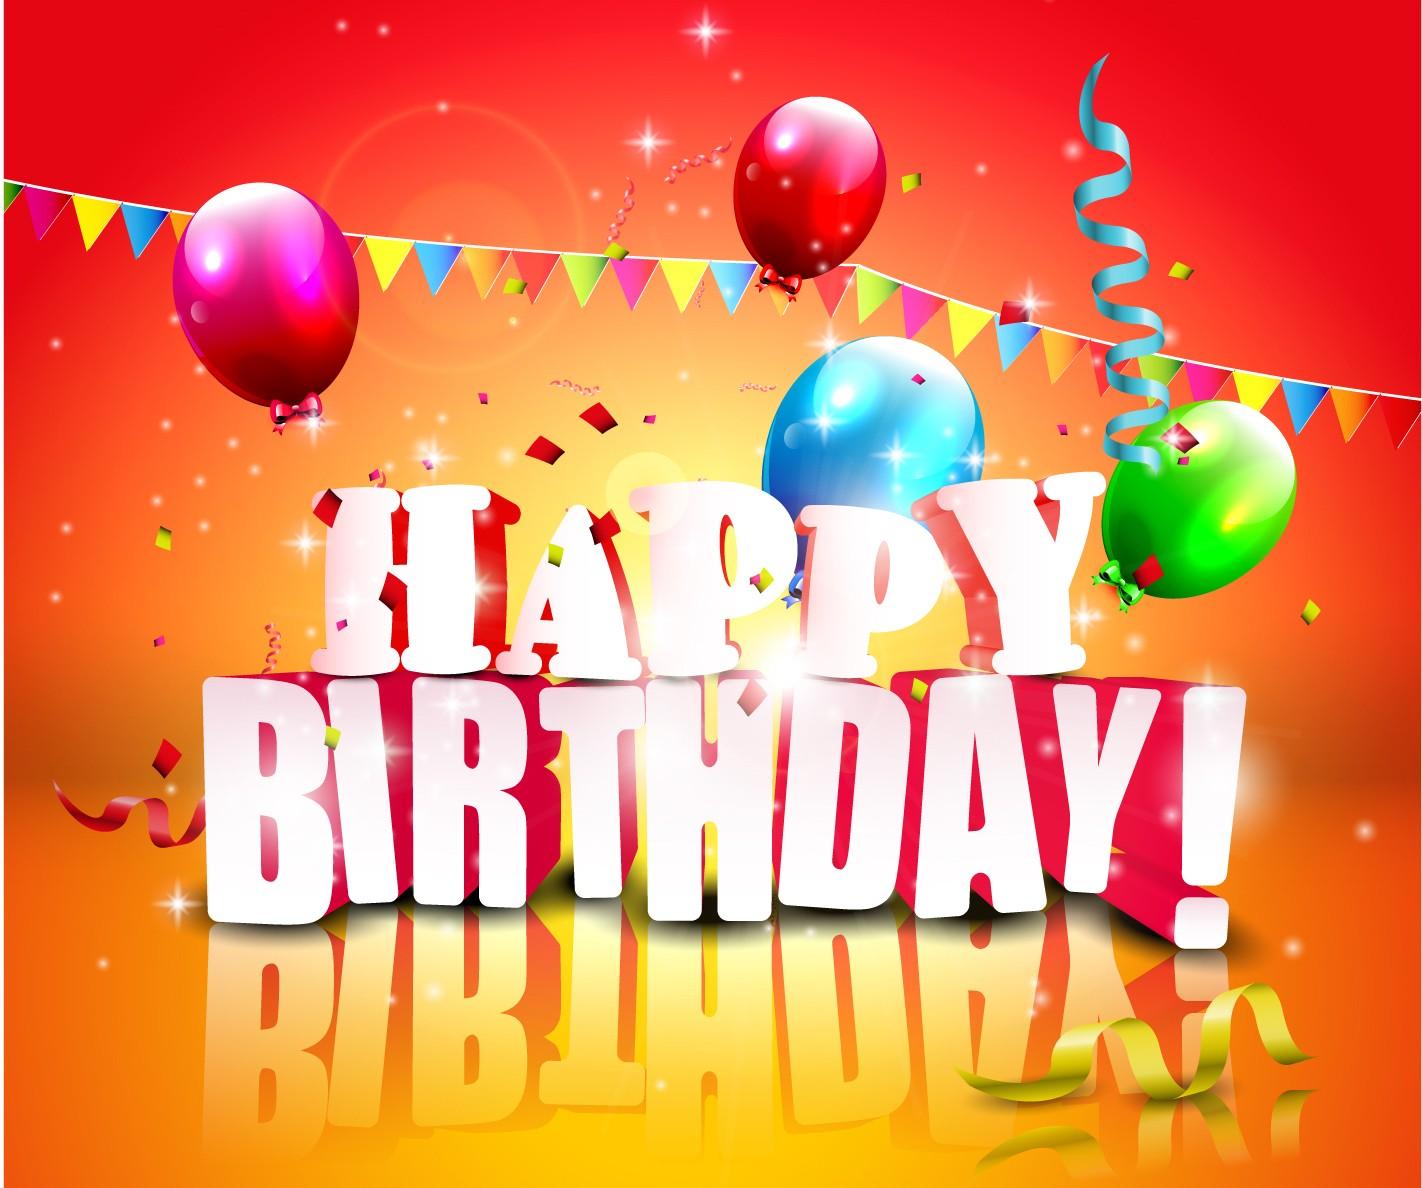 Женя, мы всей командой сайта поздравляем тебя с Днём Рождения!